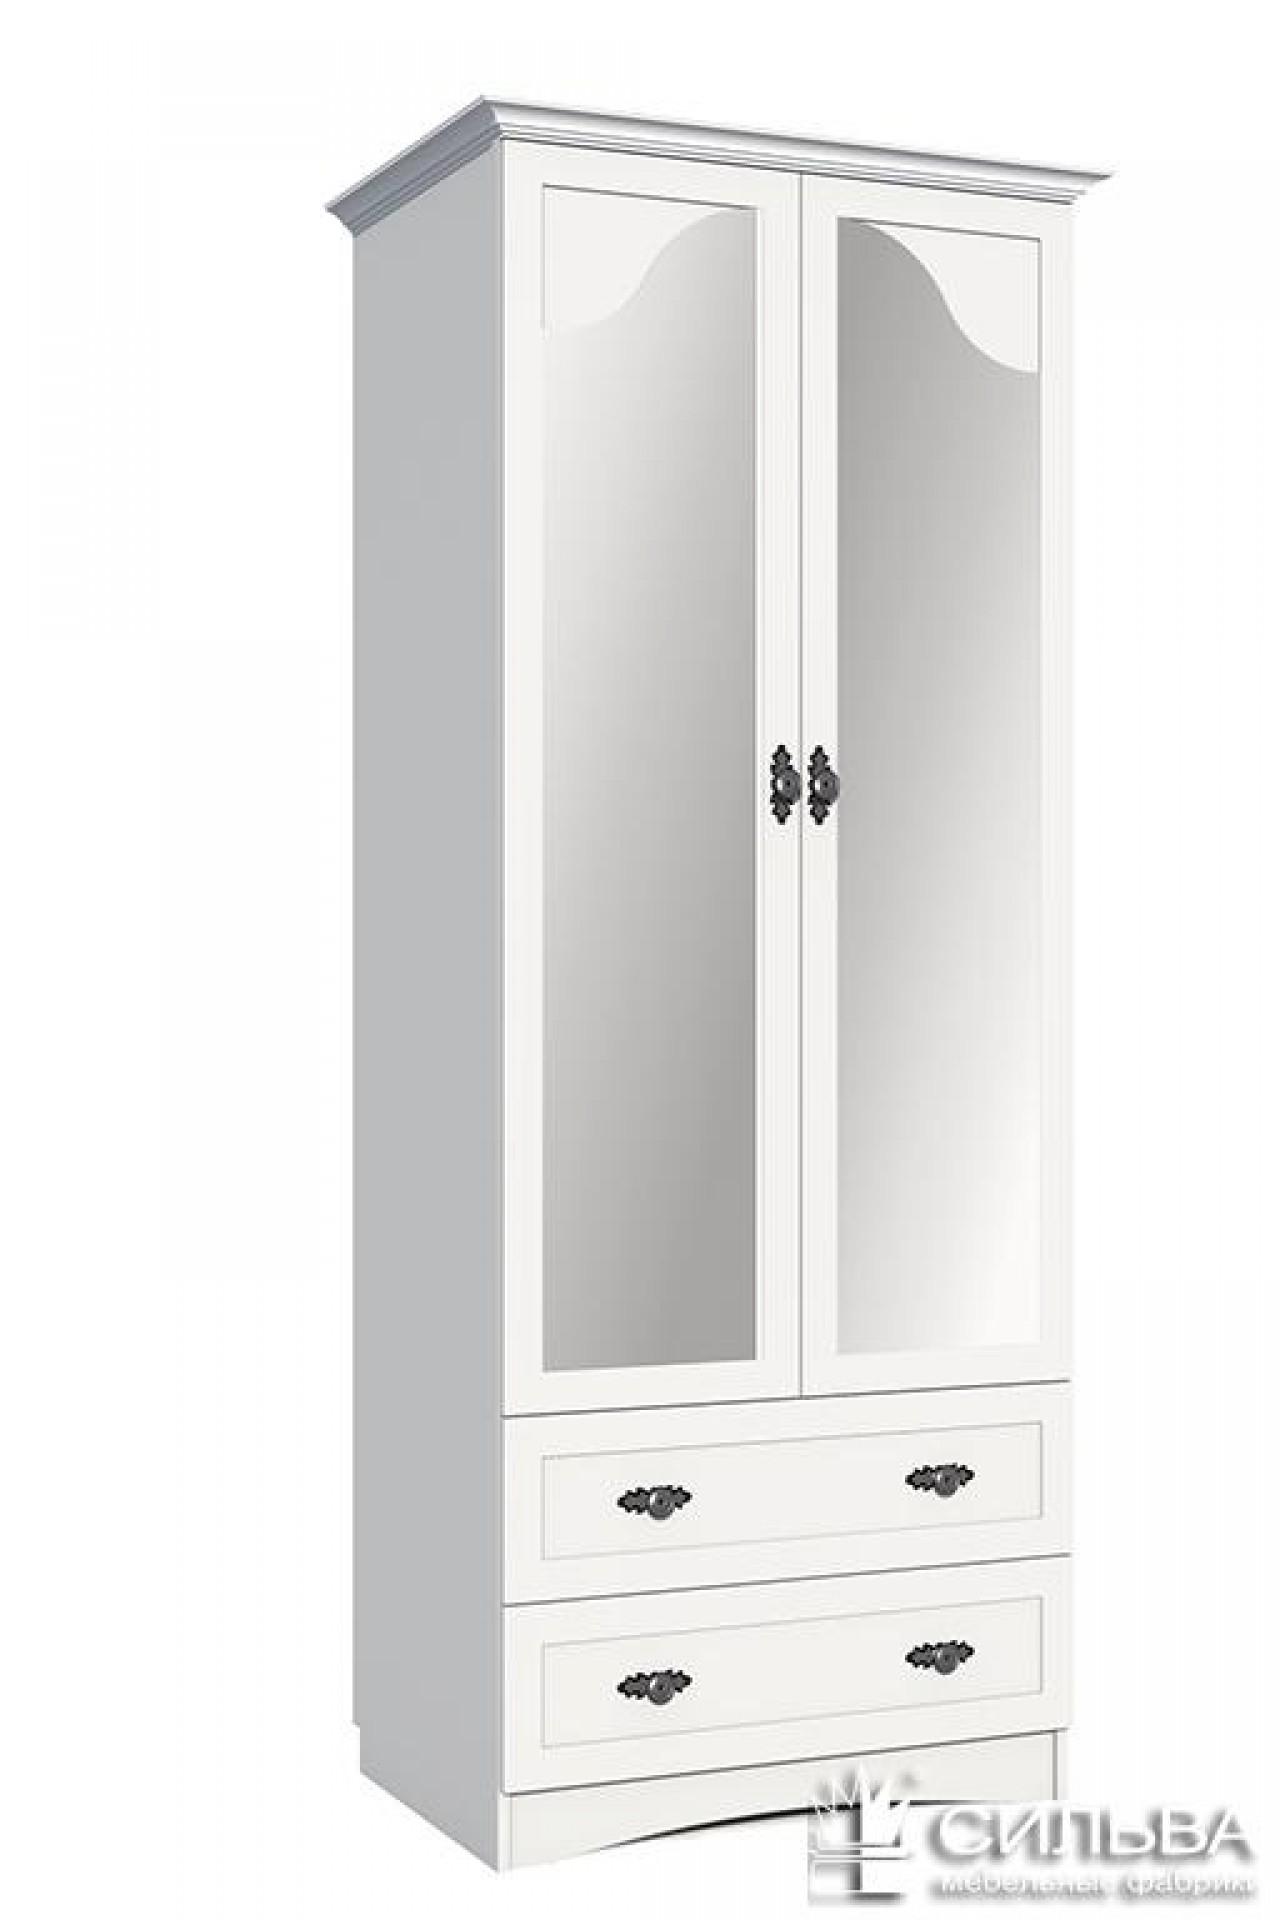 Шкаф для одежды с зеркалом «Прованс» НМ 009.16 Z